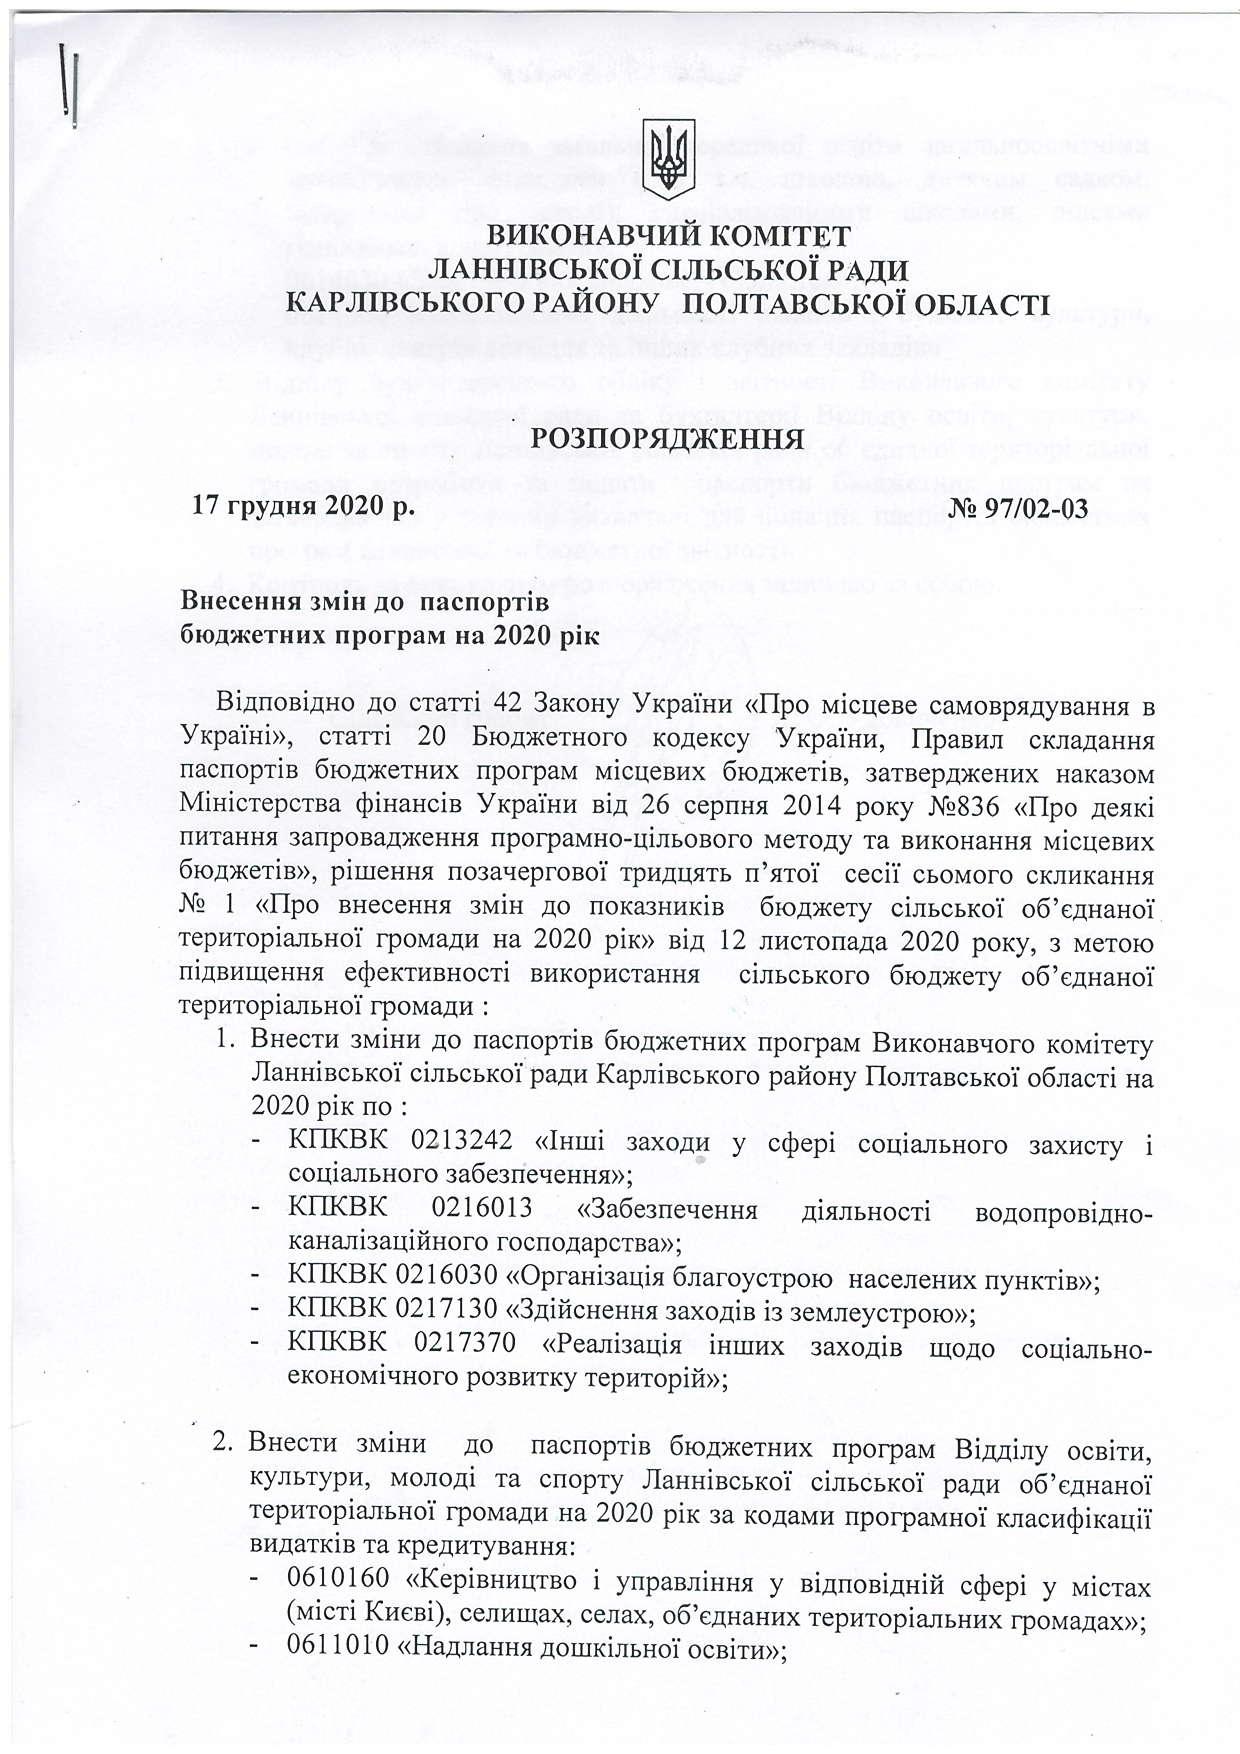 Про внесення змін до паспортів бюджетних програм на 2020 рік 17.12.2020